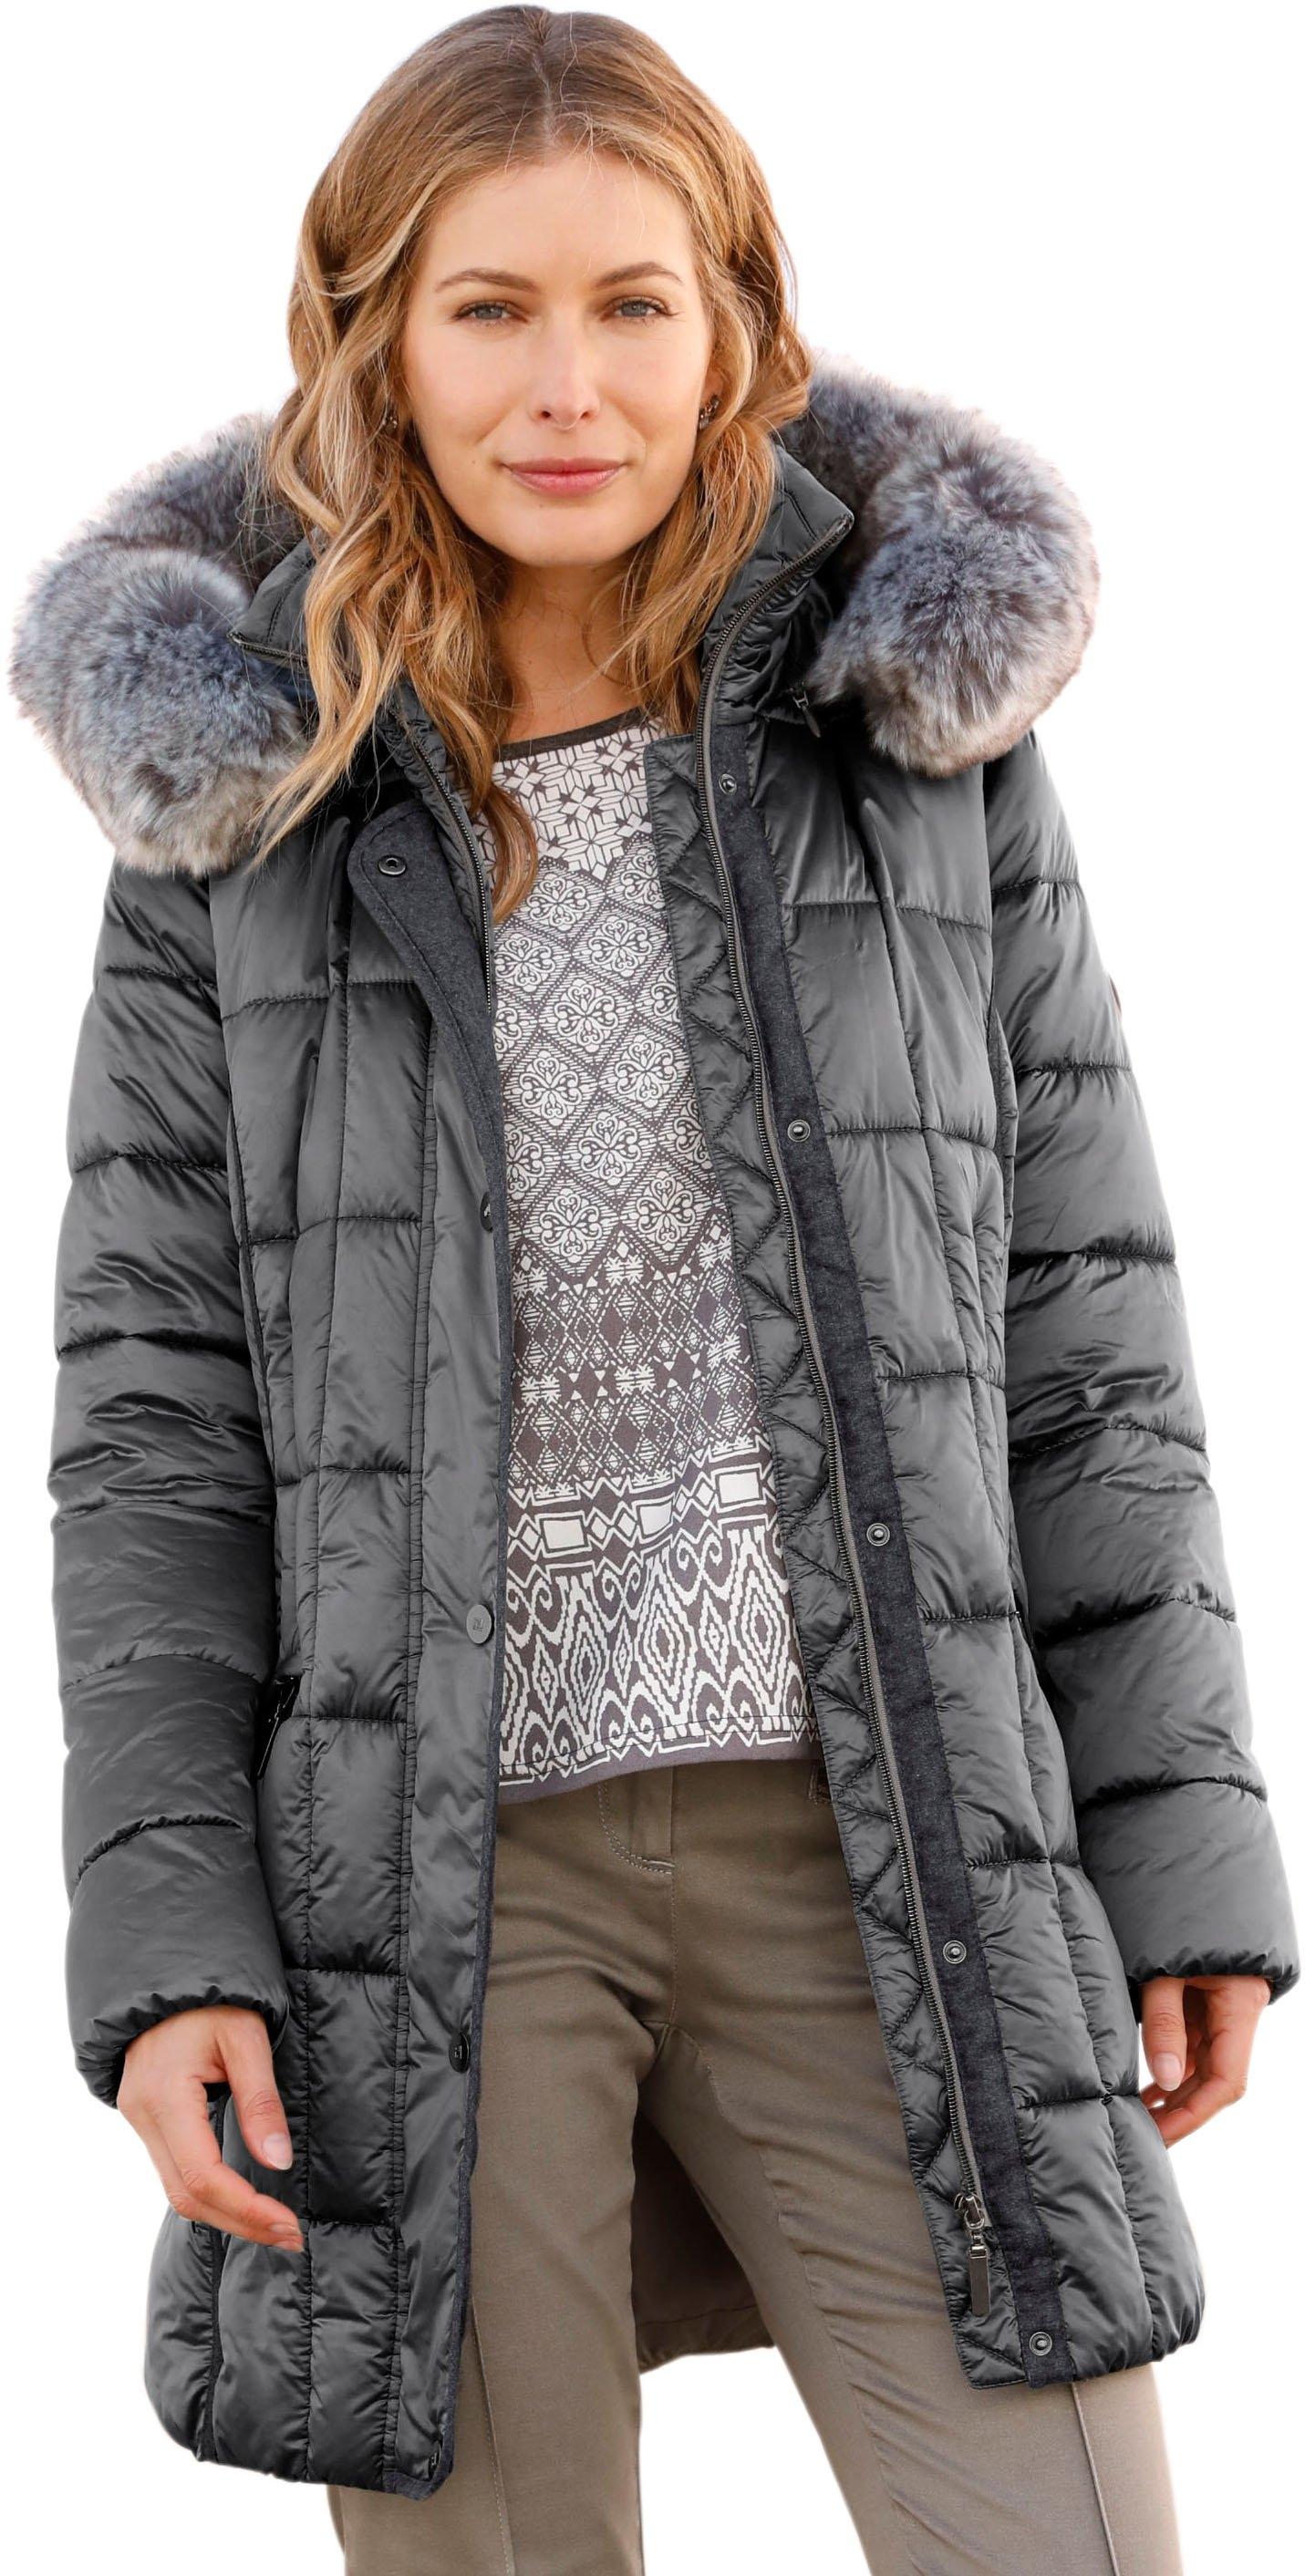 Wega jas met een afneembare capuchon nu online kopen bij OTTO